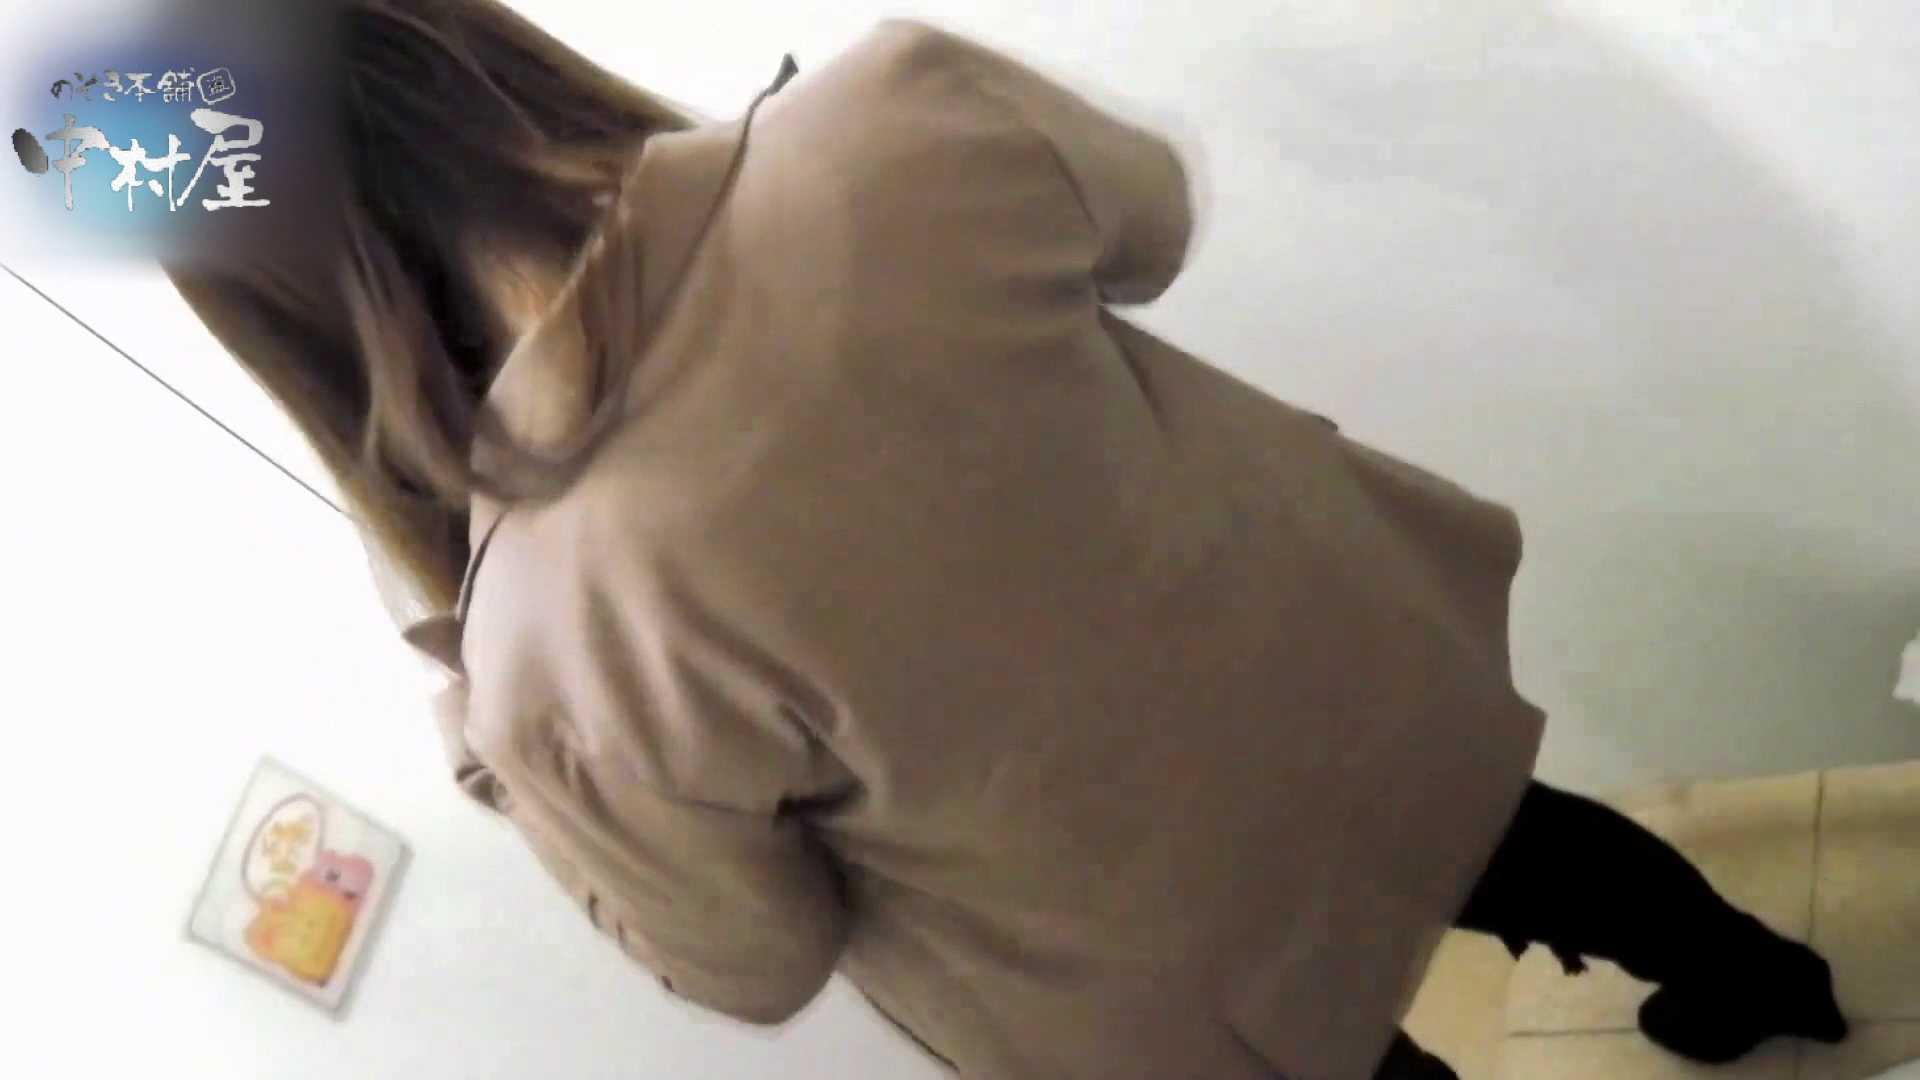 乙女集まる!ショッピングモール潜入撮vol.04 OLのエロ生活 オメコ動画キャプチャ 95連発 74